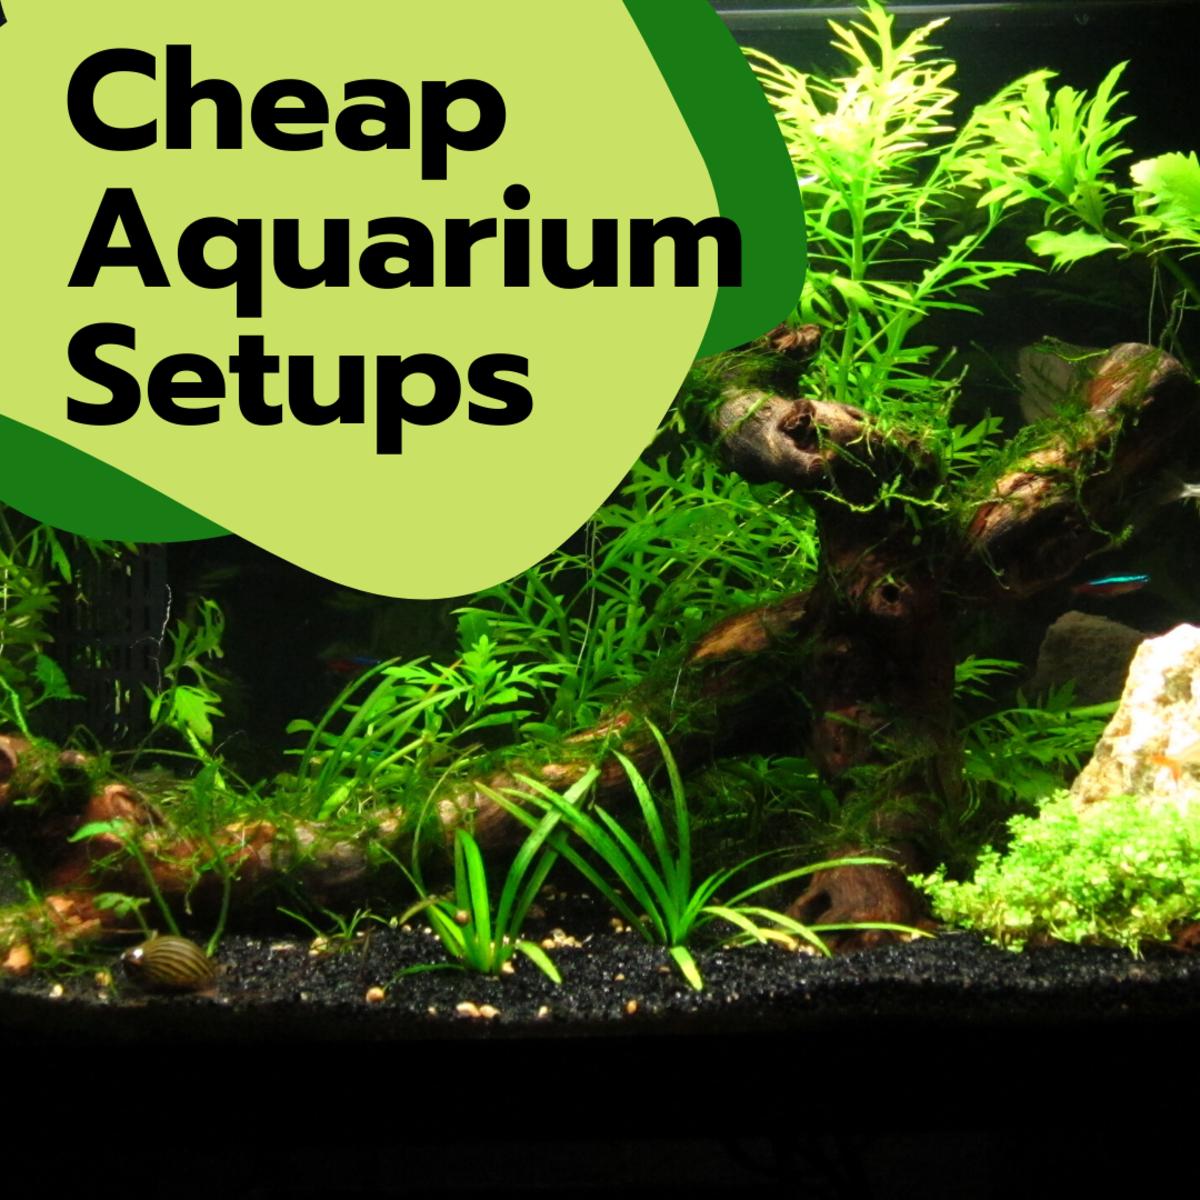 Alternatives To An Aquarium Setup